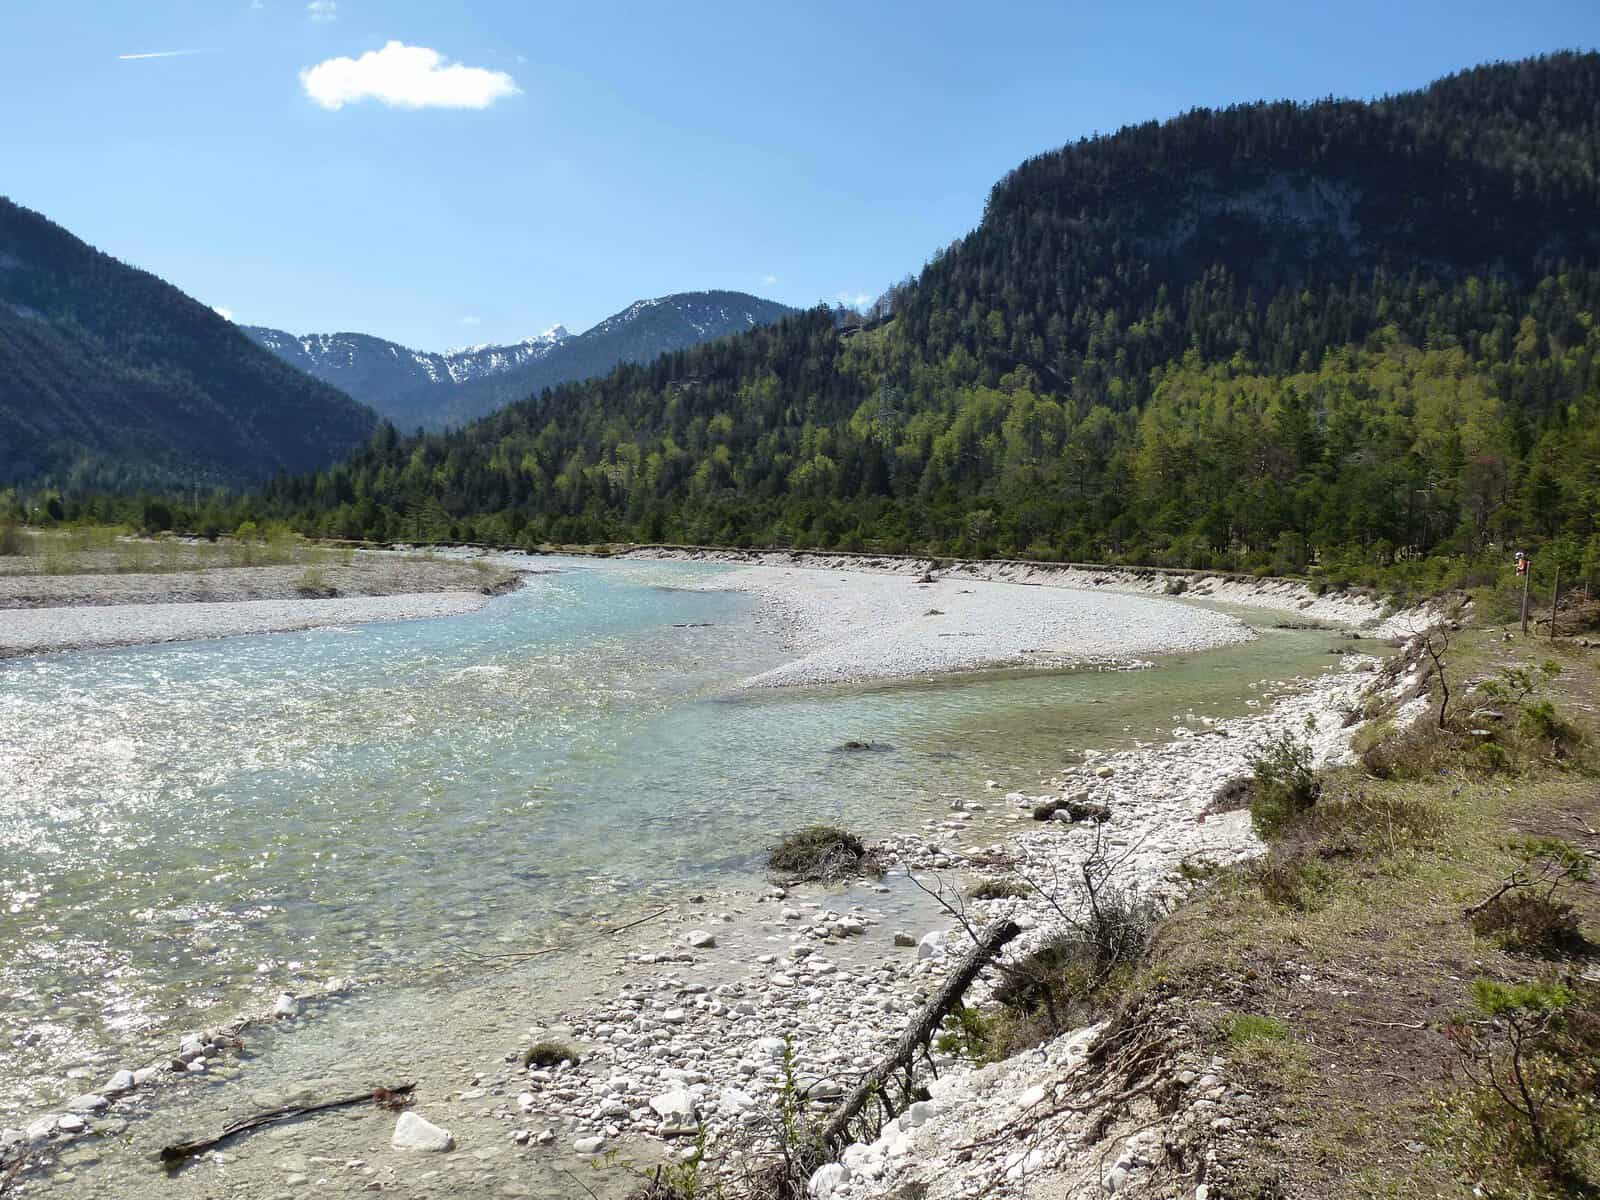 Exkursion: Auf den Spuren des Wildflusses 136